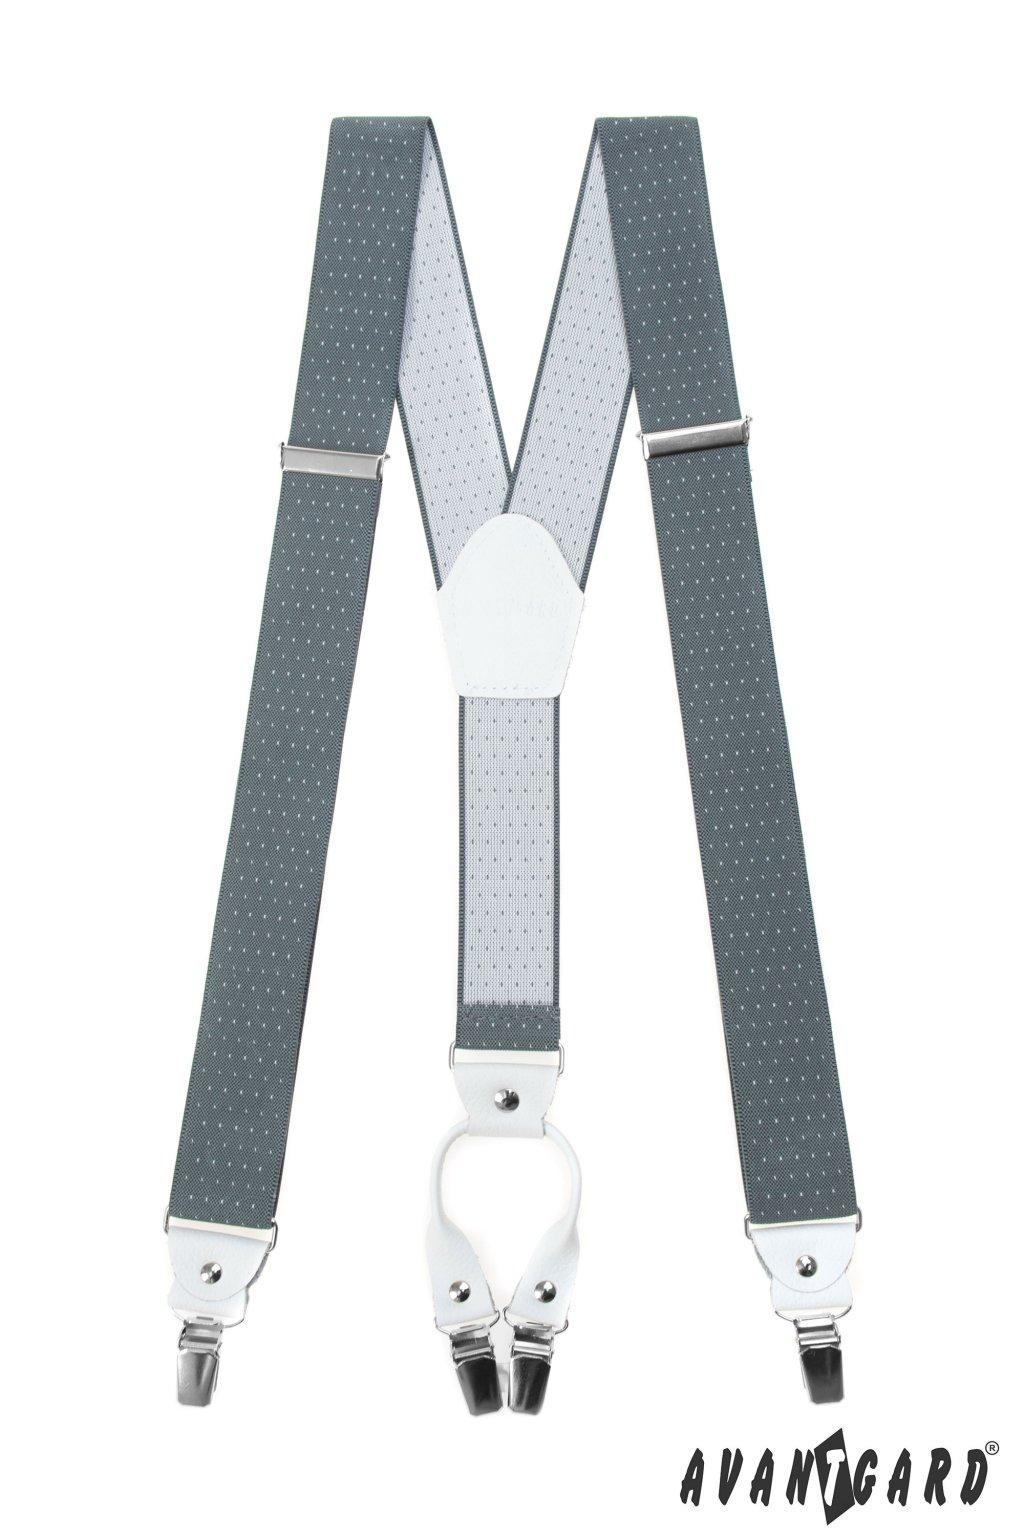 Šle Y s koženým středem a zapínáním na klipy - 35 mm, 880-210101, Šedá s bílou tečkou, bílá kůže